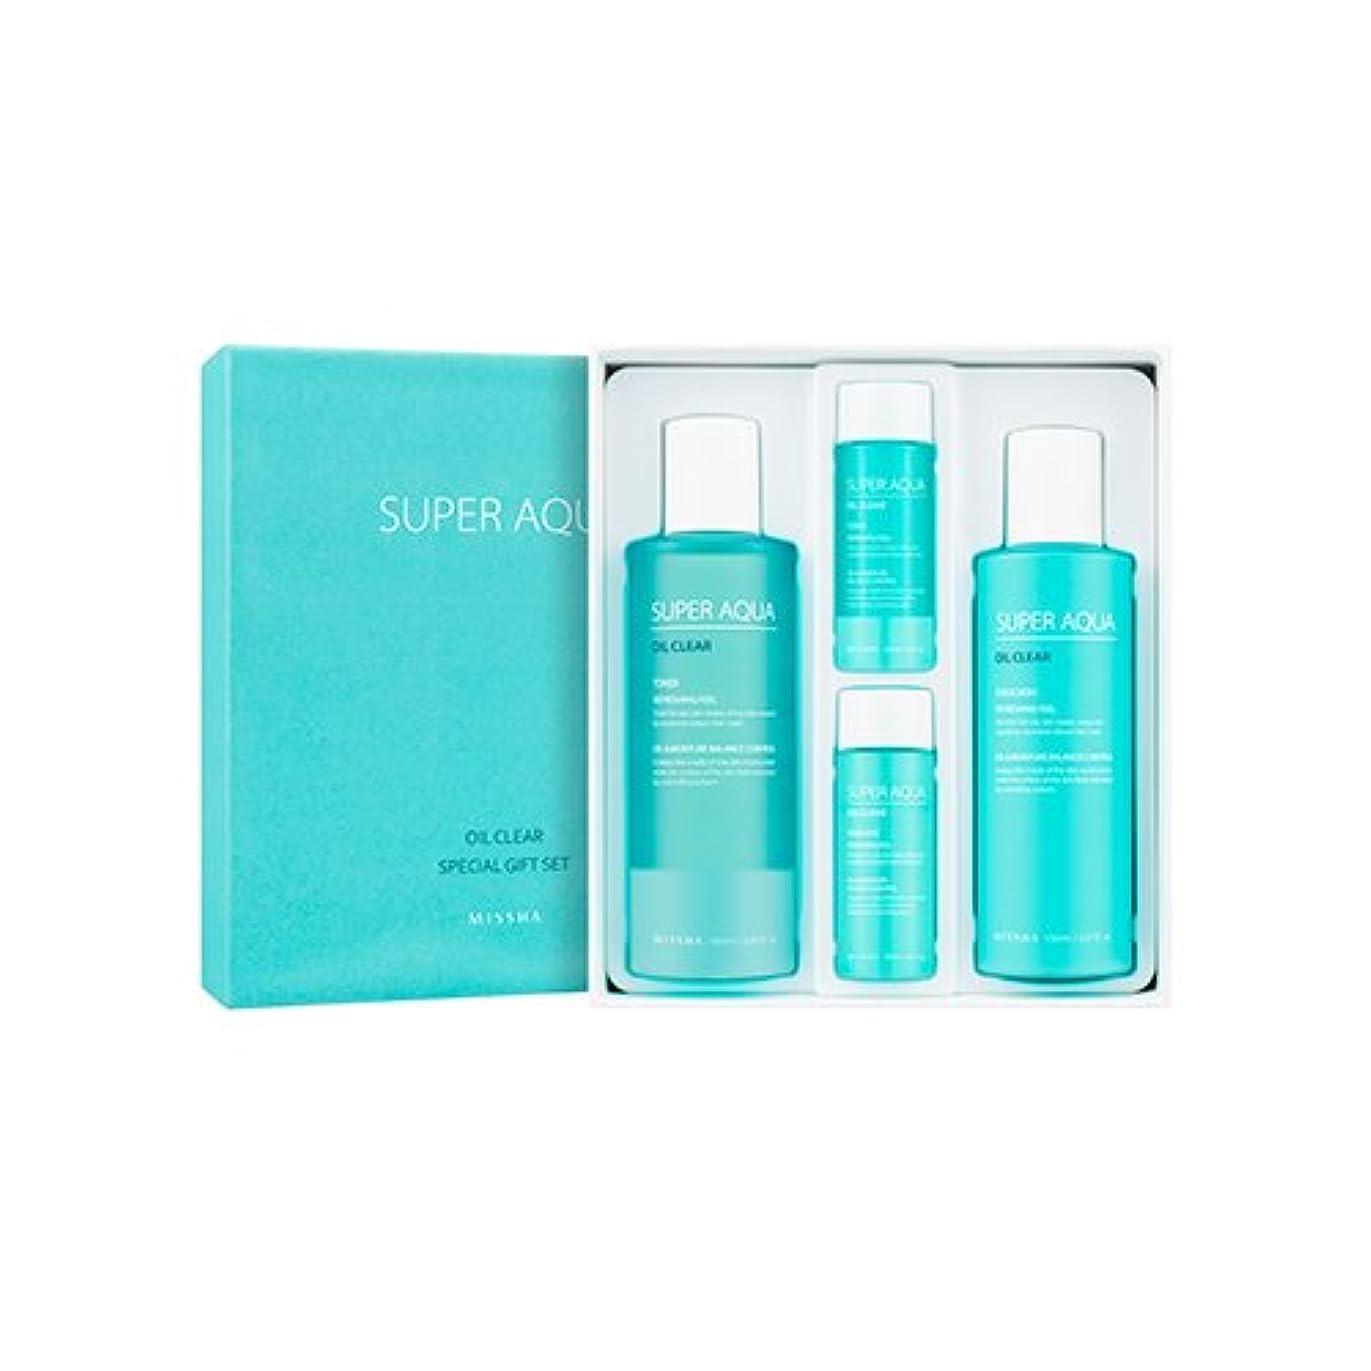 イサカ三角形一次MISSHA Super Aqua Oil Clear Special Gift Set/ミシャ スーパーアクアオイルクリアスペシャルギフトセット [並行輸入品]